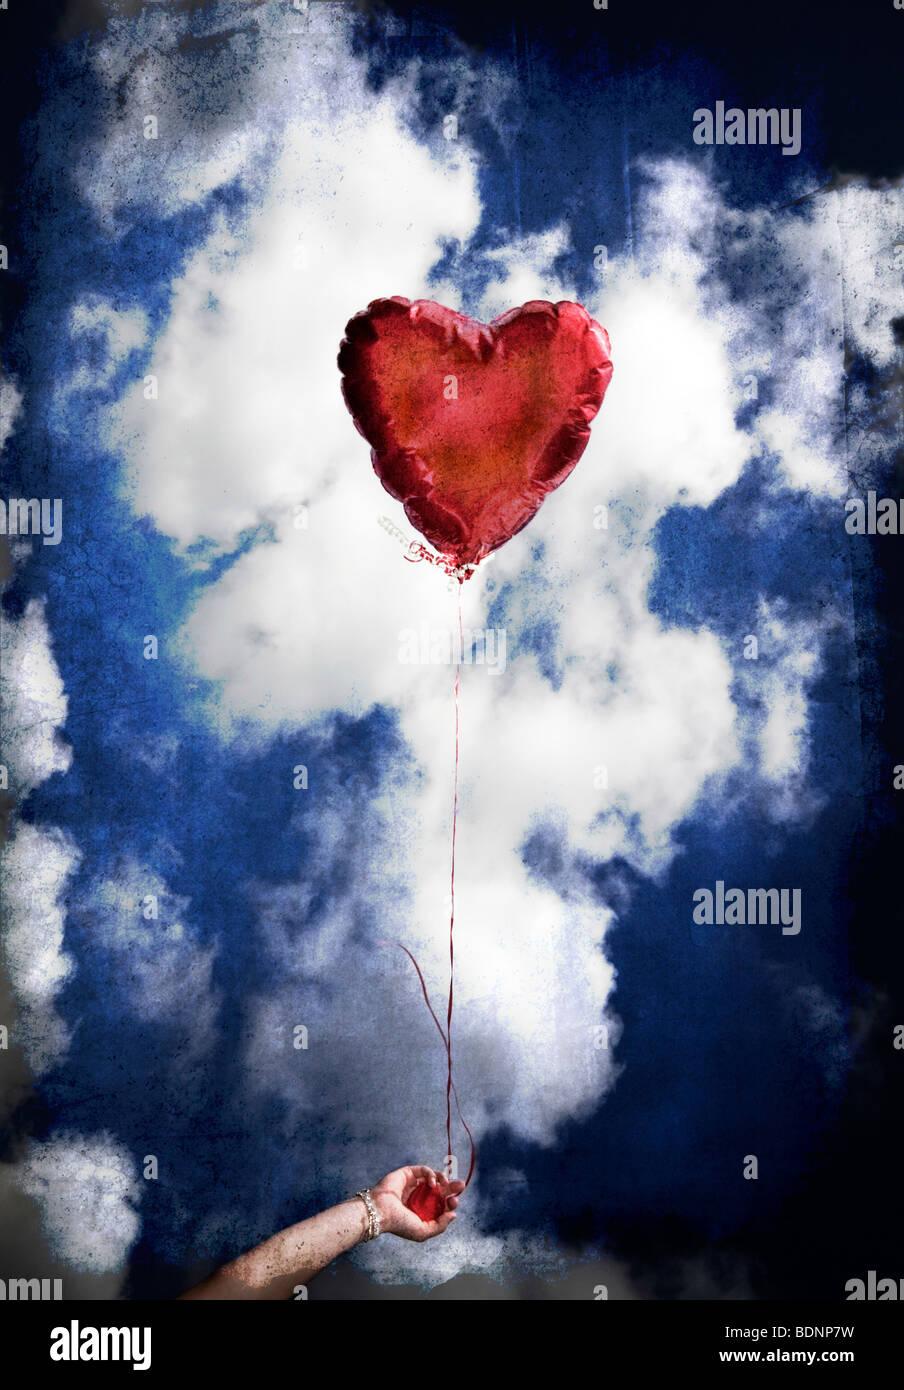 Eine Mädchen hält ein roter Ballon geformt mochte ein Herz gegen den blauen Himmel. Stockbild